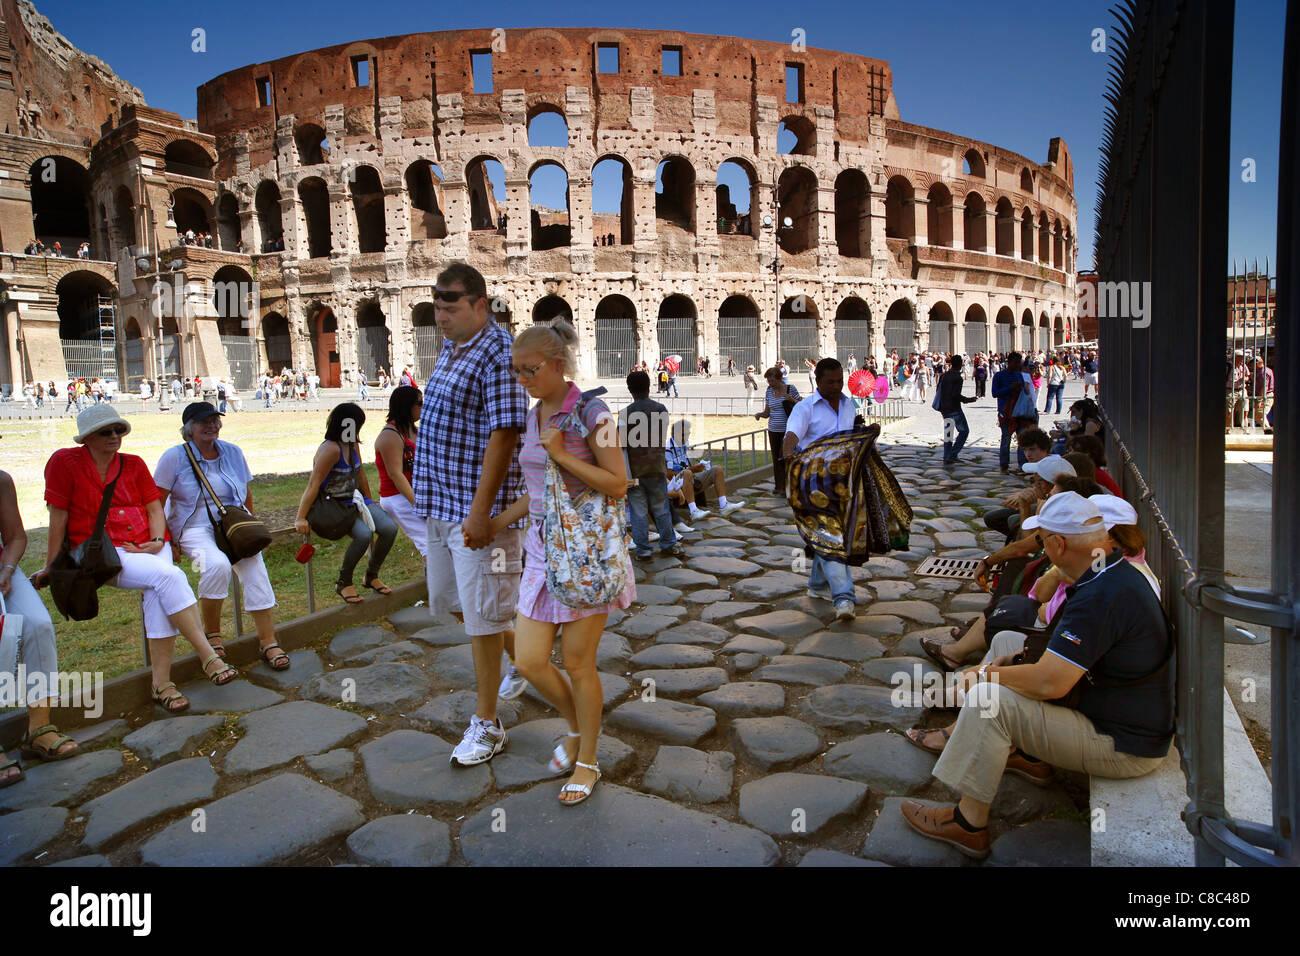 Les touristes à l'extérieur du Colisée à Rome, Italie. Photo Stock